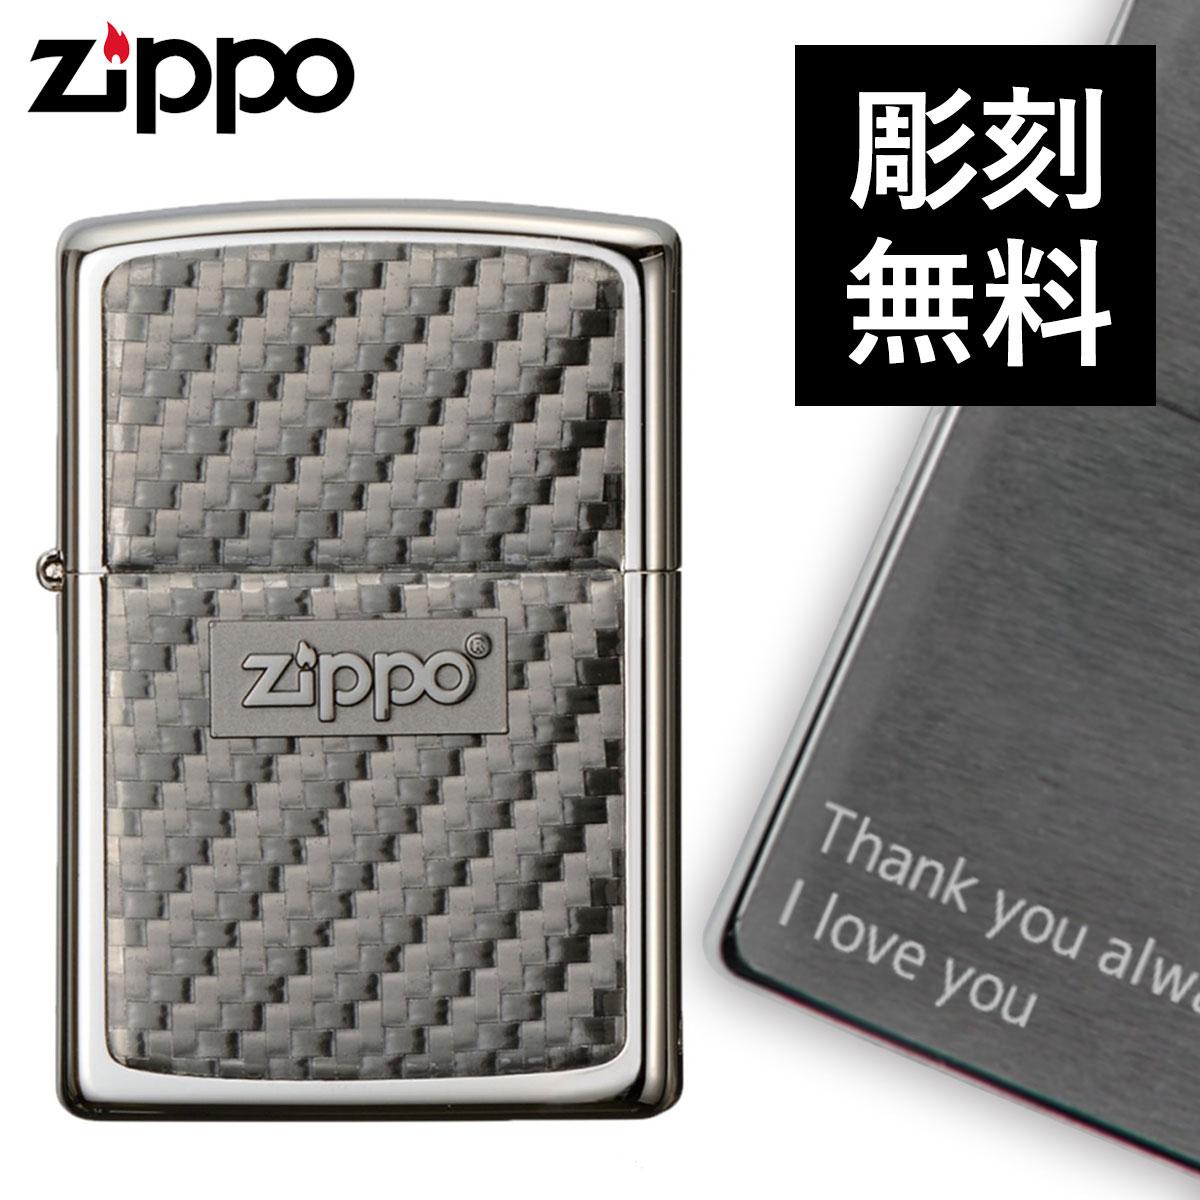 zippo 名入れ ジッポー ライター 銀チタン 15-3 名入れ ギフト オイルライター ジッポライター ギフト プレゼント メンズ レディース 男性用 女性用